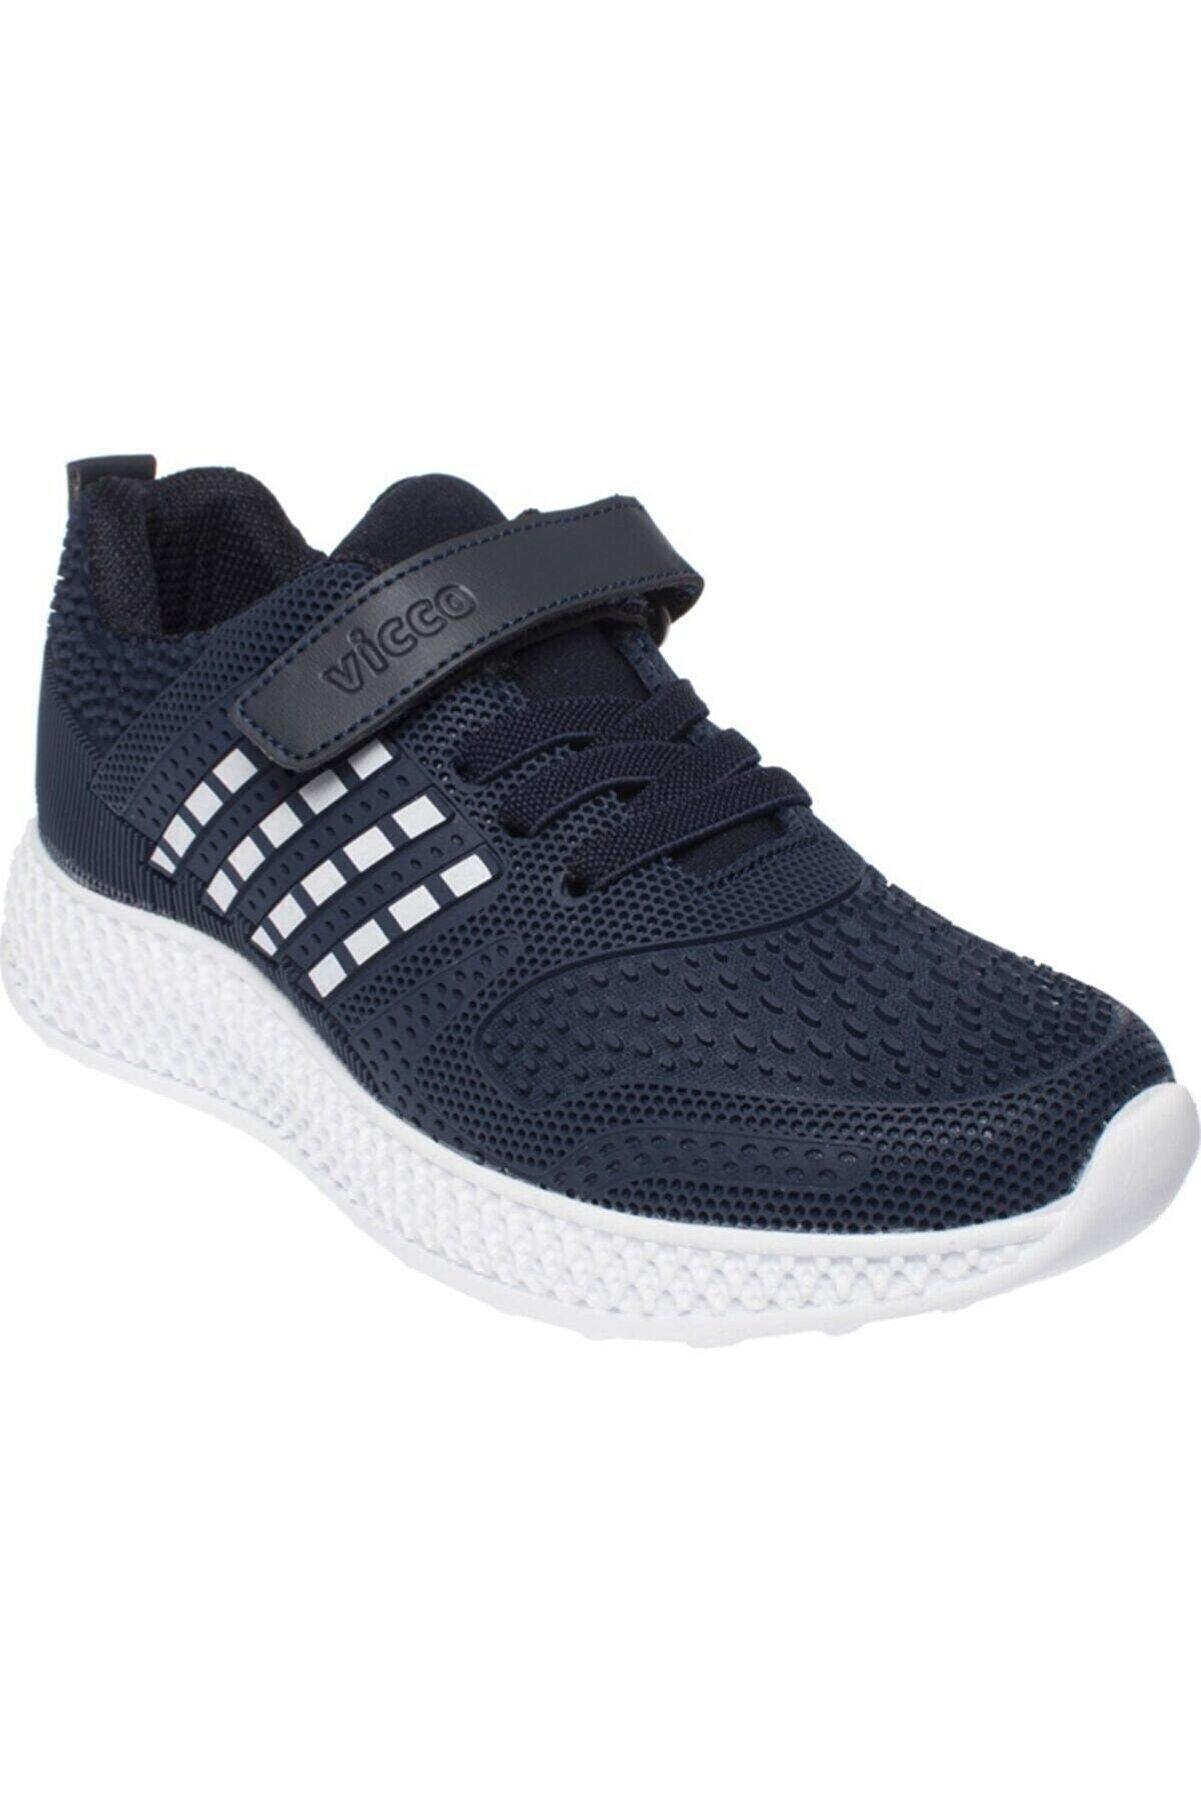 Vicco Çocuk Lacivert Spor Ayakkabı